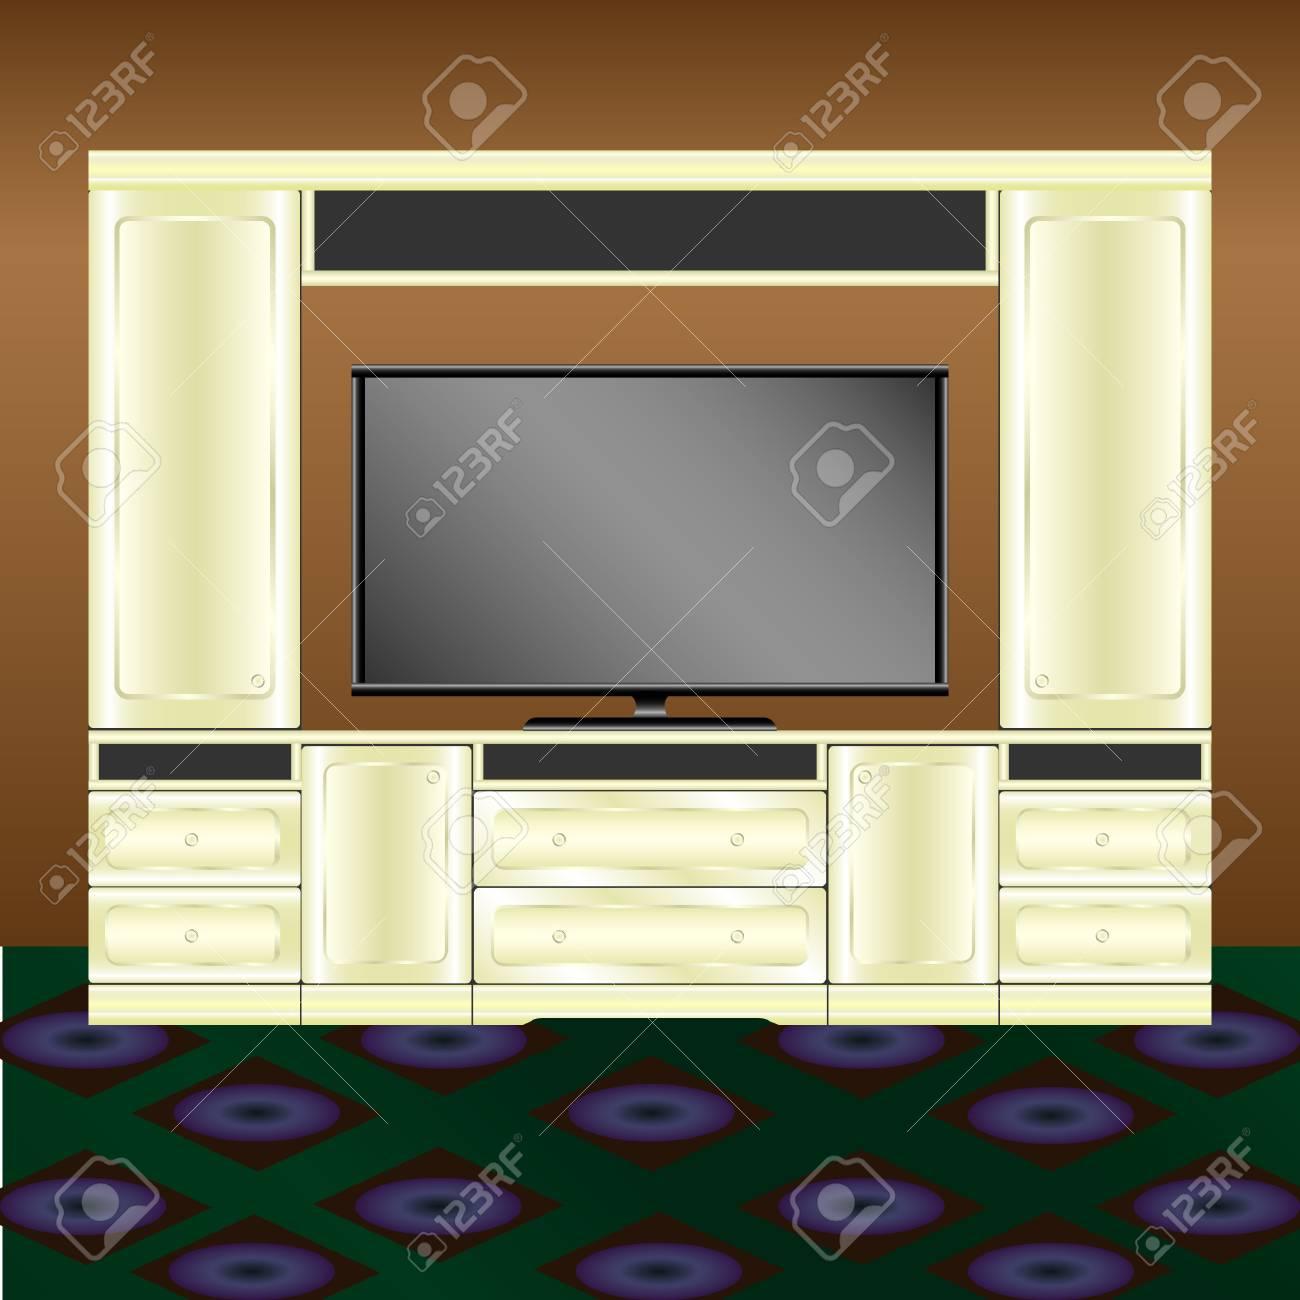 Wohnzimmer Mobel Und Tv Auf Braunem Wandhintergrund Lizenzfrei Nutzbare Vektorgrafiken Clip Arts Illustrationen Image 96085554